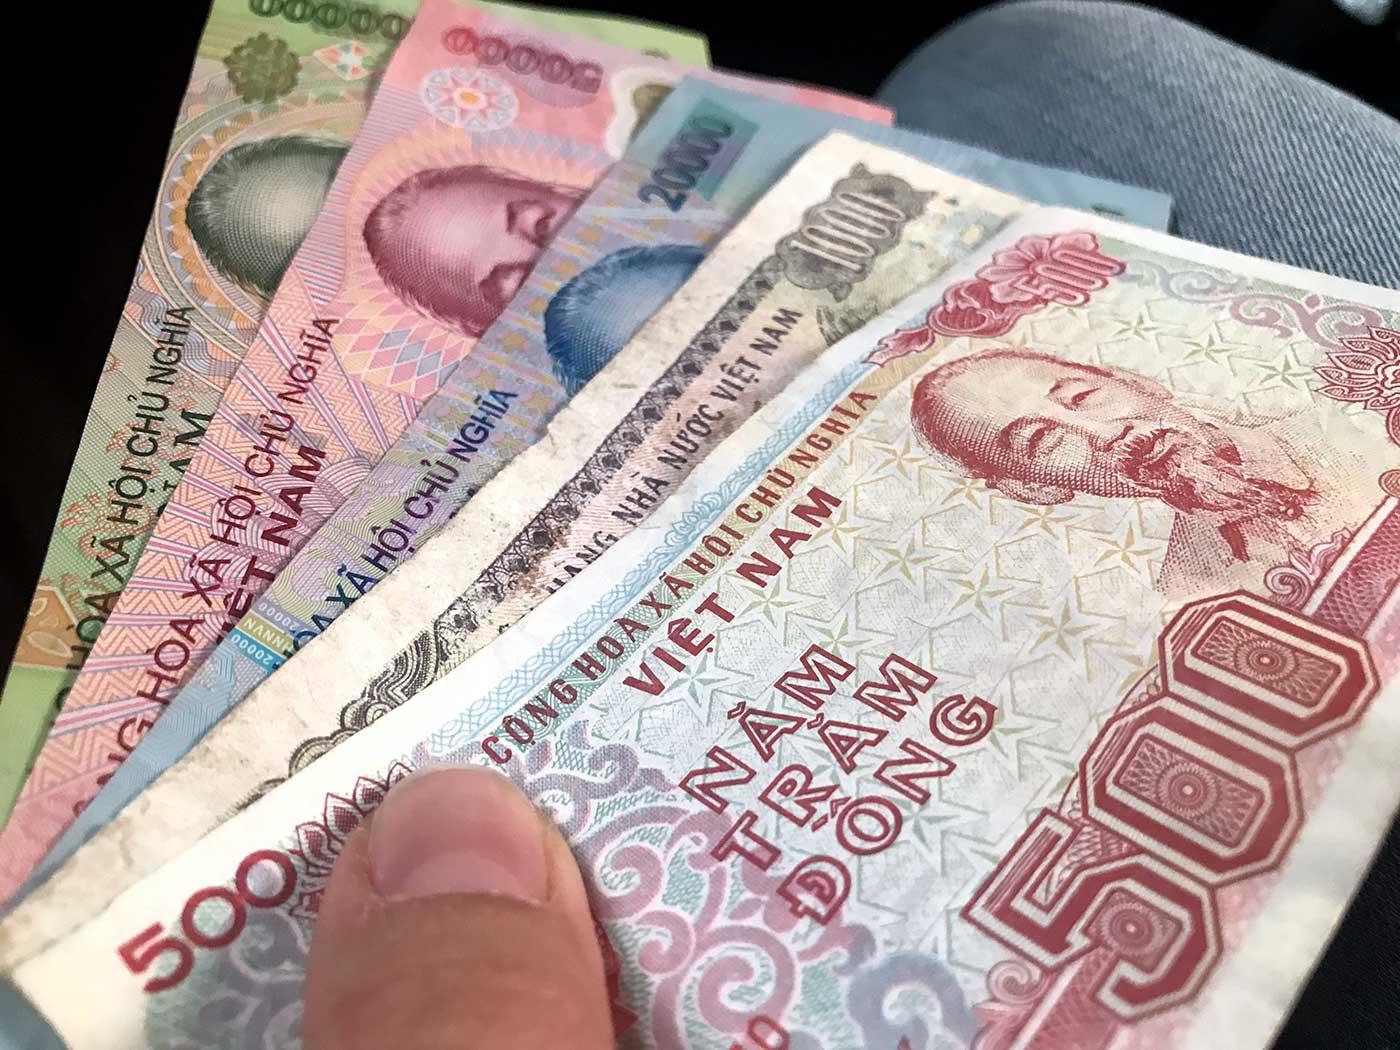 Vietnam Reisetipps: Währung & Geld